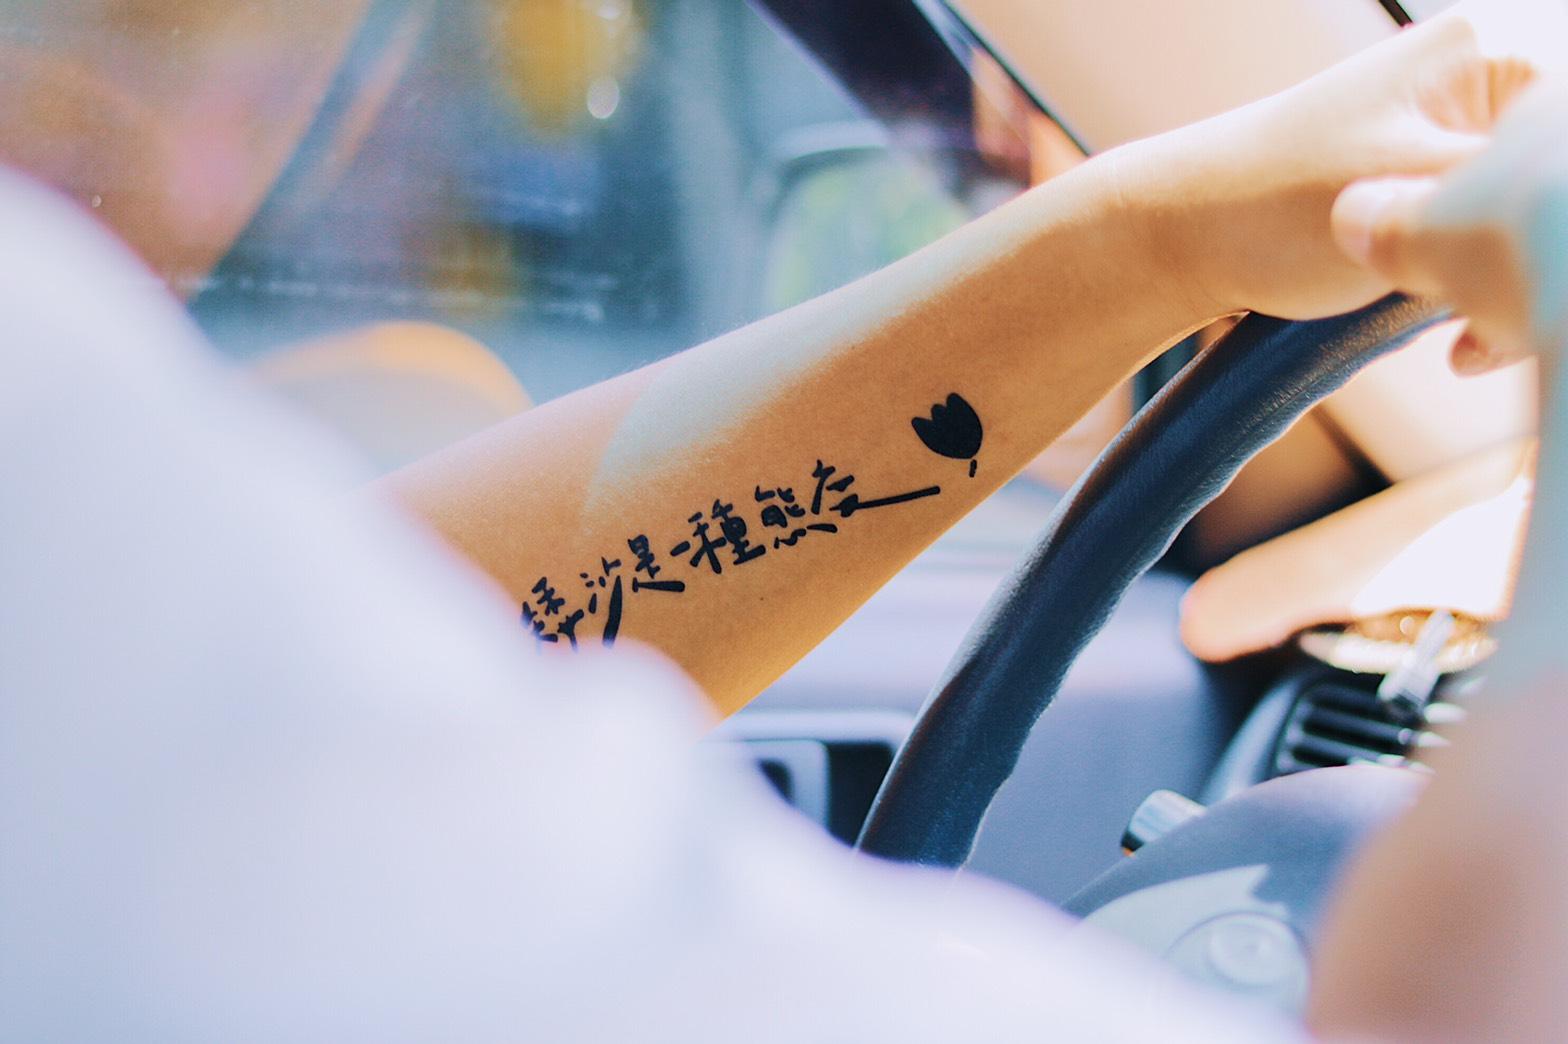 紋身貼紙使用效果